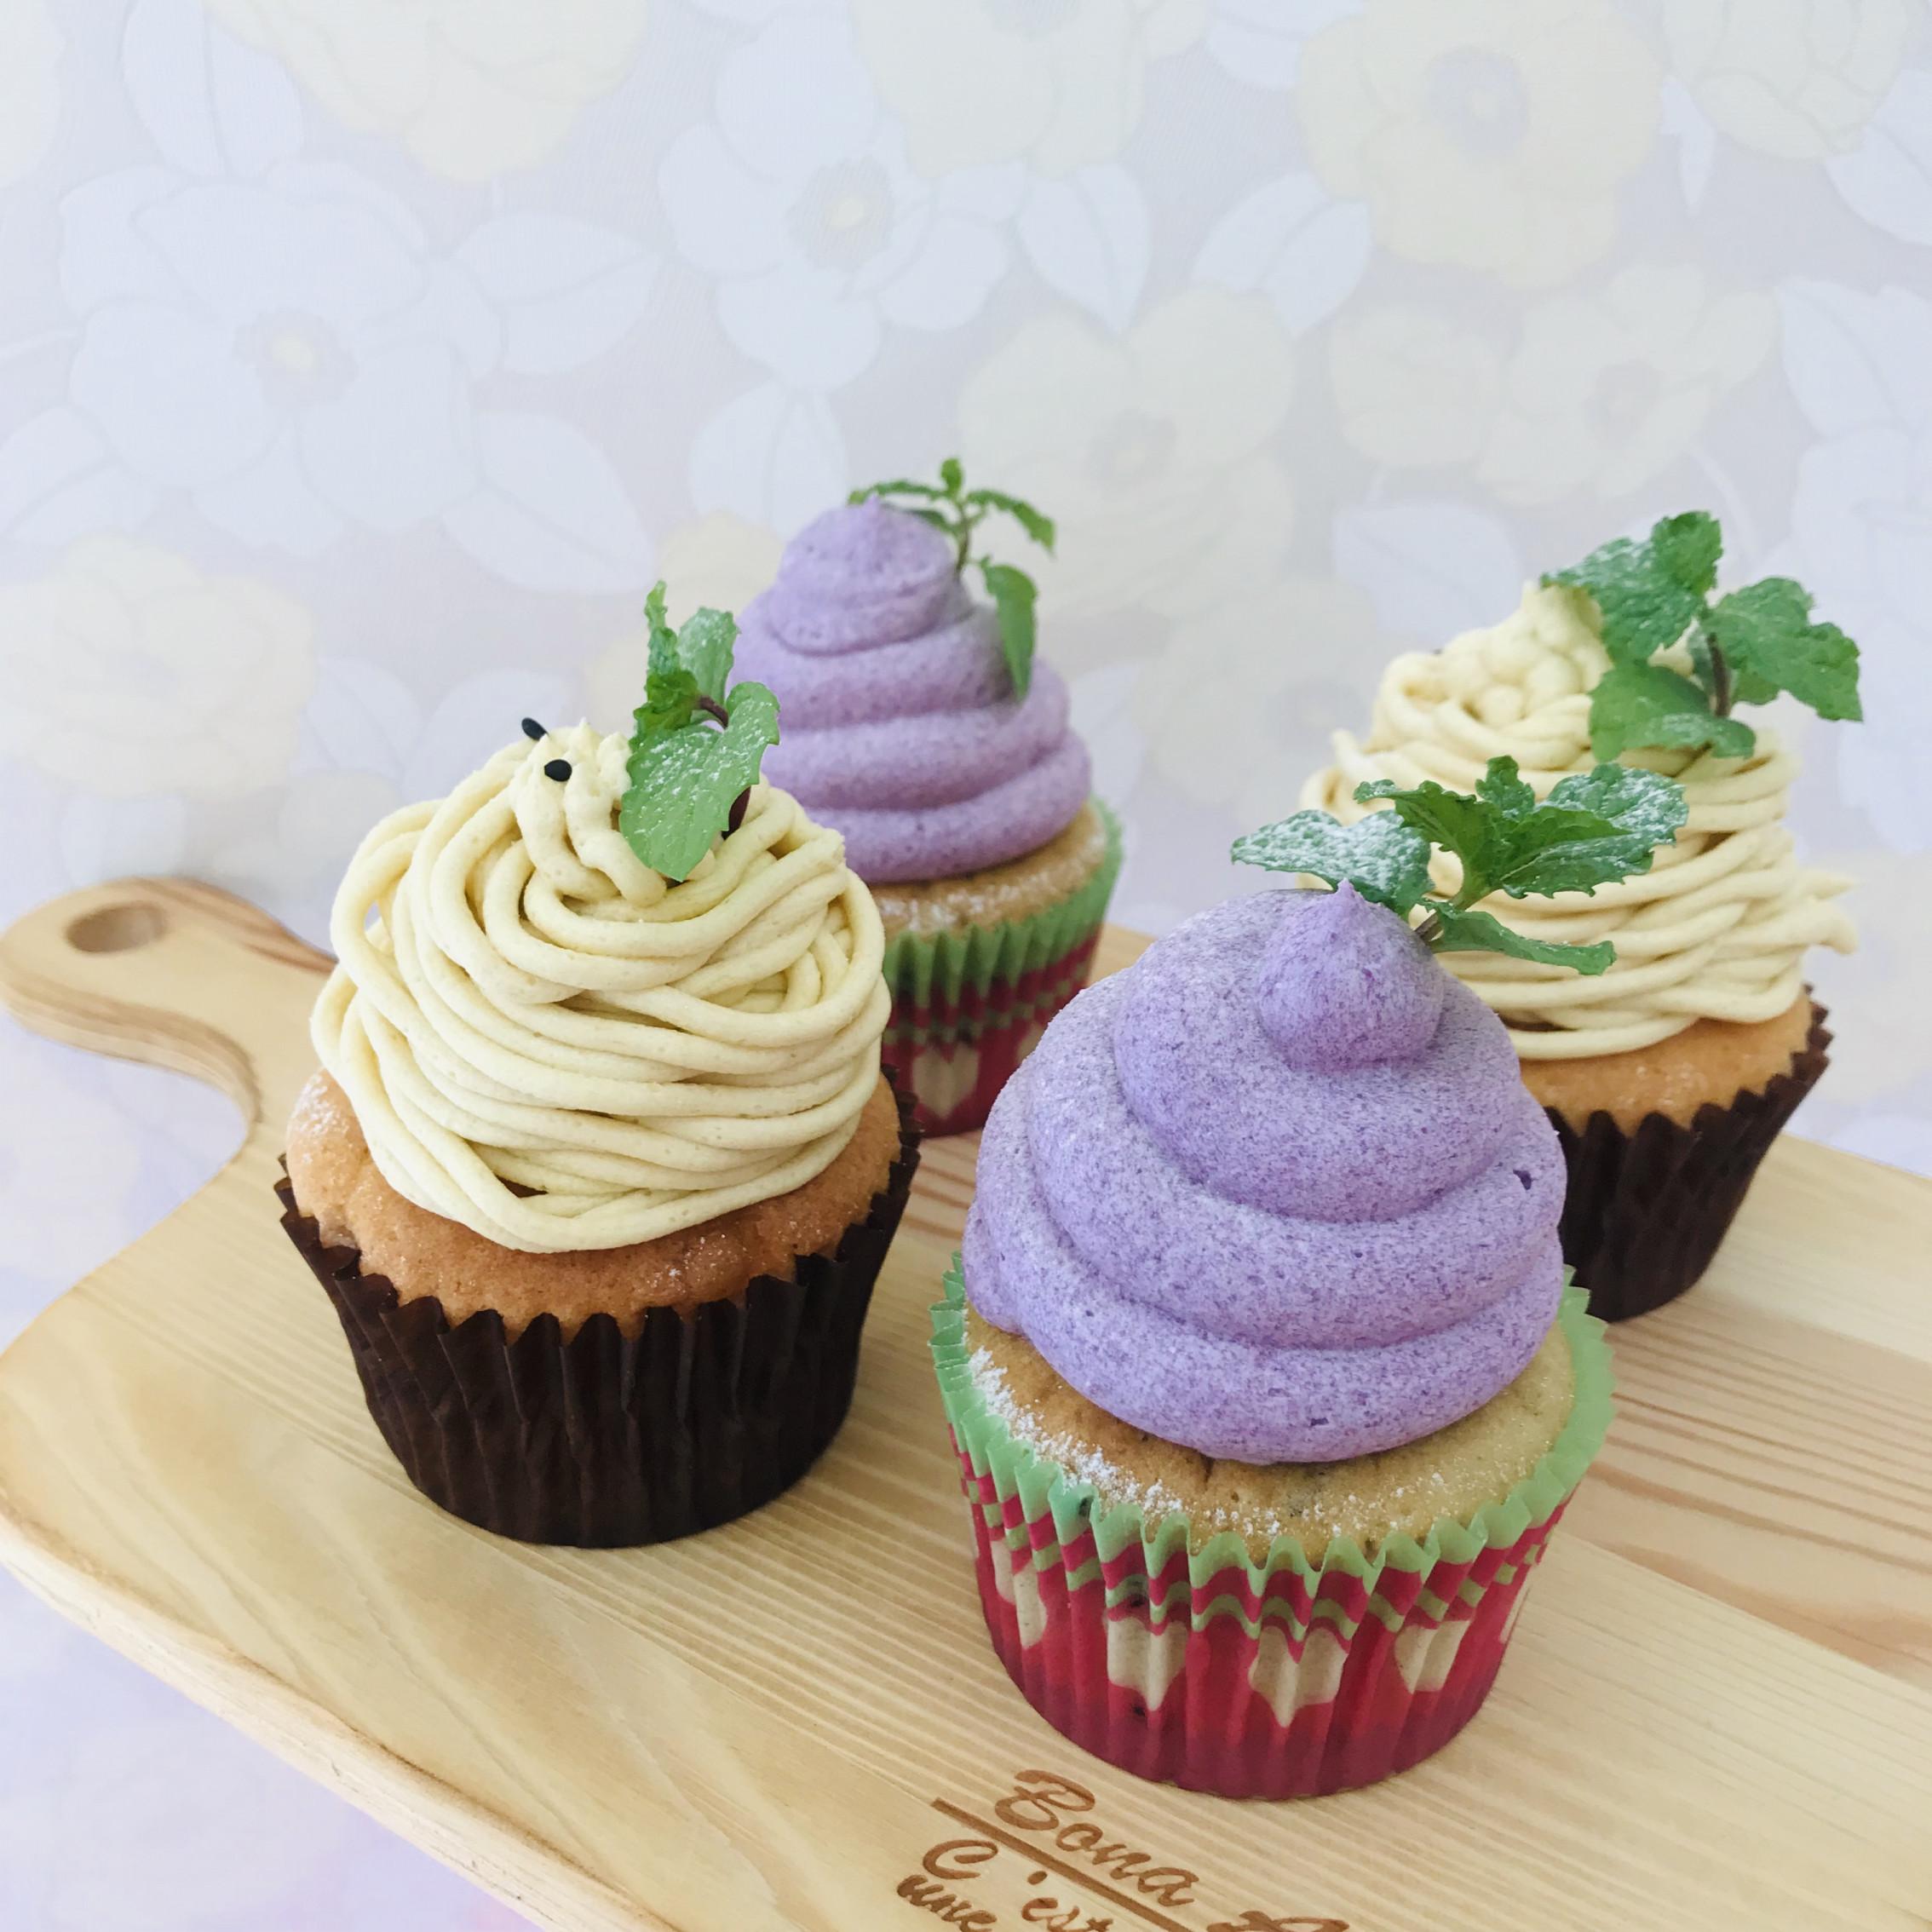 毎年人気の紫芋のモンブラン‼︎ 本日より販売しております☺︎ 黒ごまの生地に紫芋クリームをたっぷり♬ ぜひ食べたいみてください☺︎>